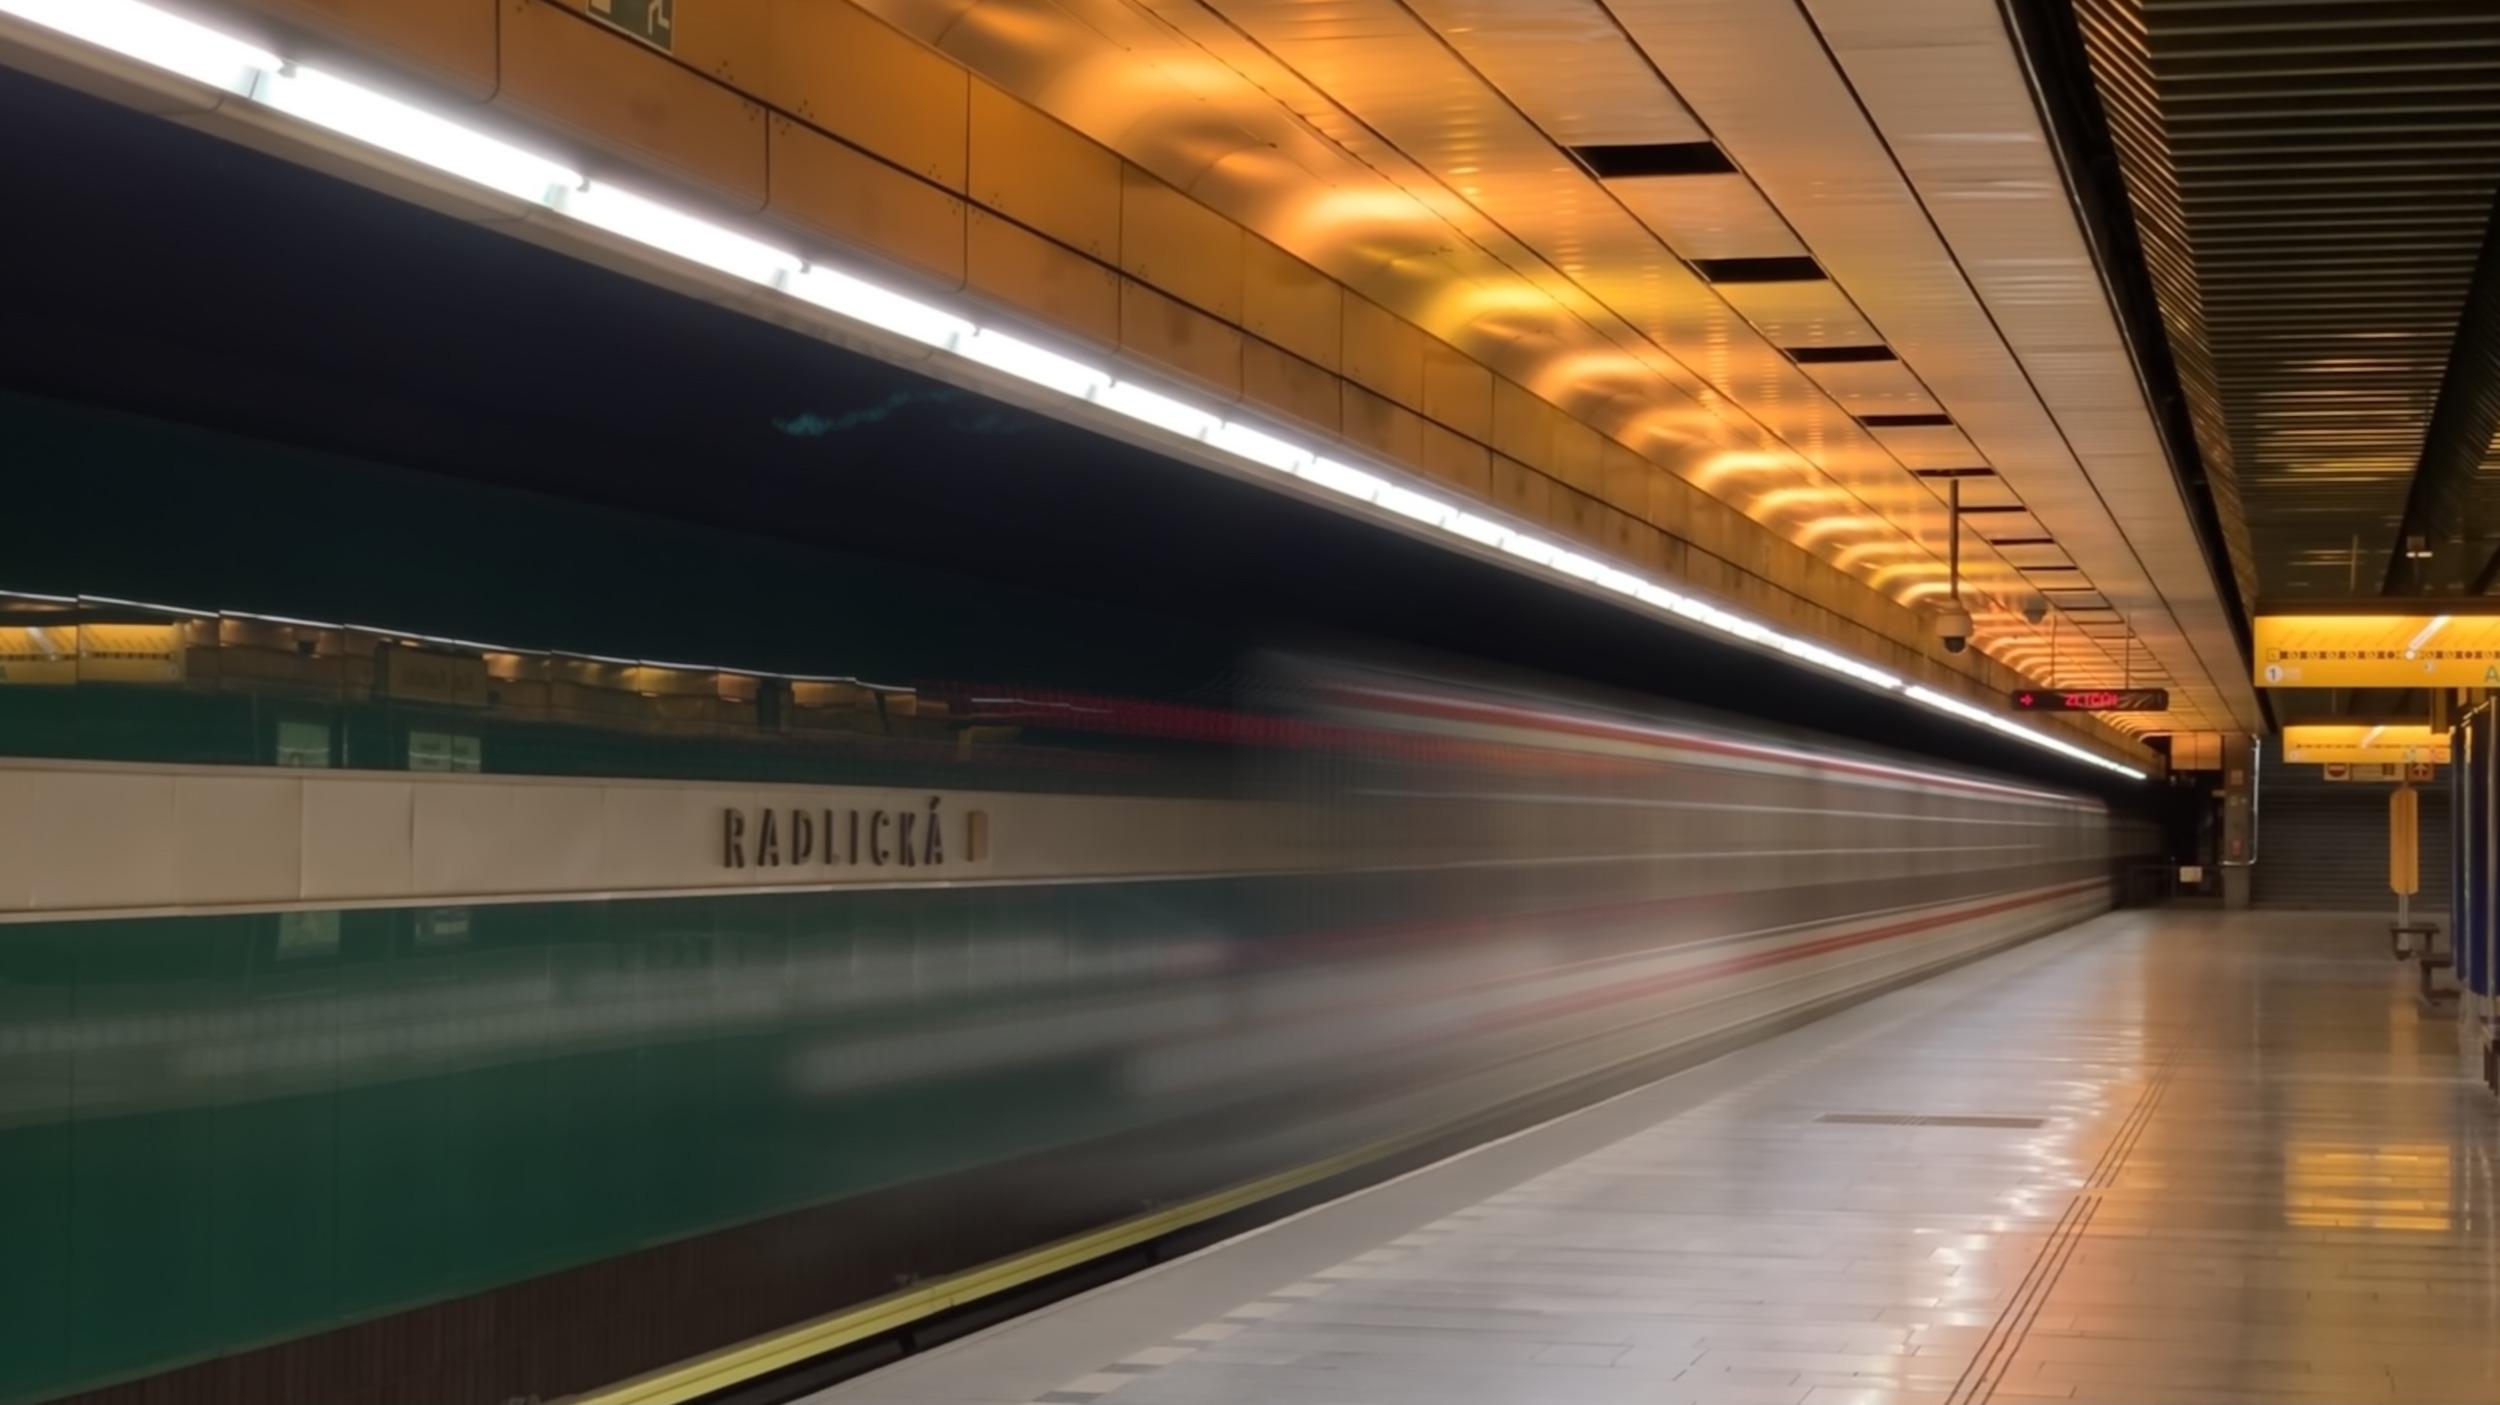 Mobilní signál se rozšiřuje o další stanice metra [aktualizováno]